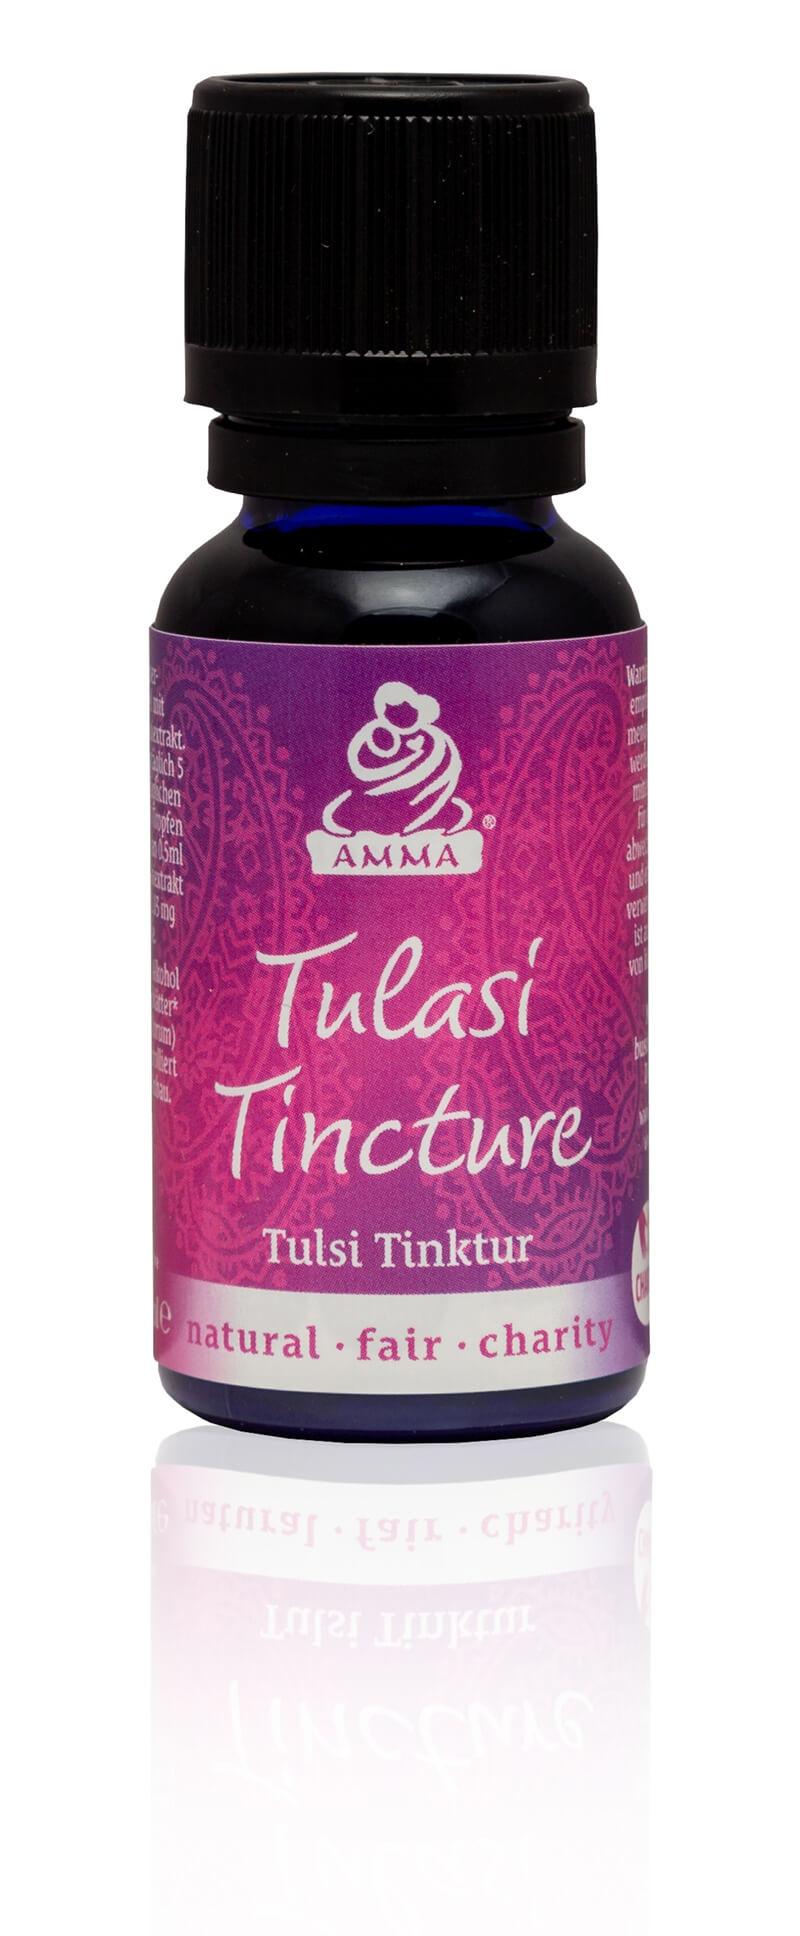 Tulasi Tincture, organic